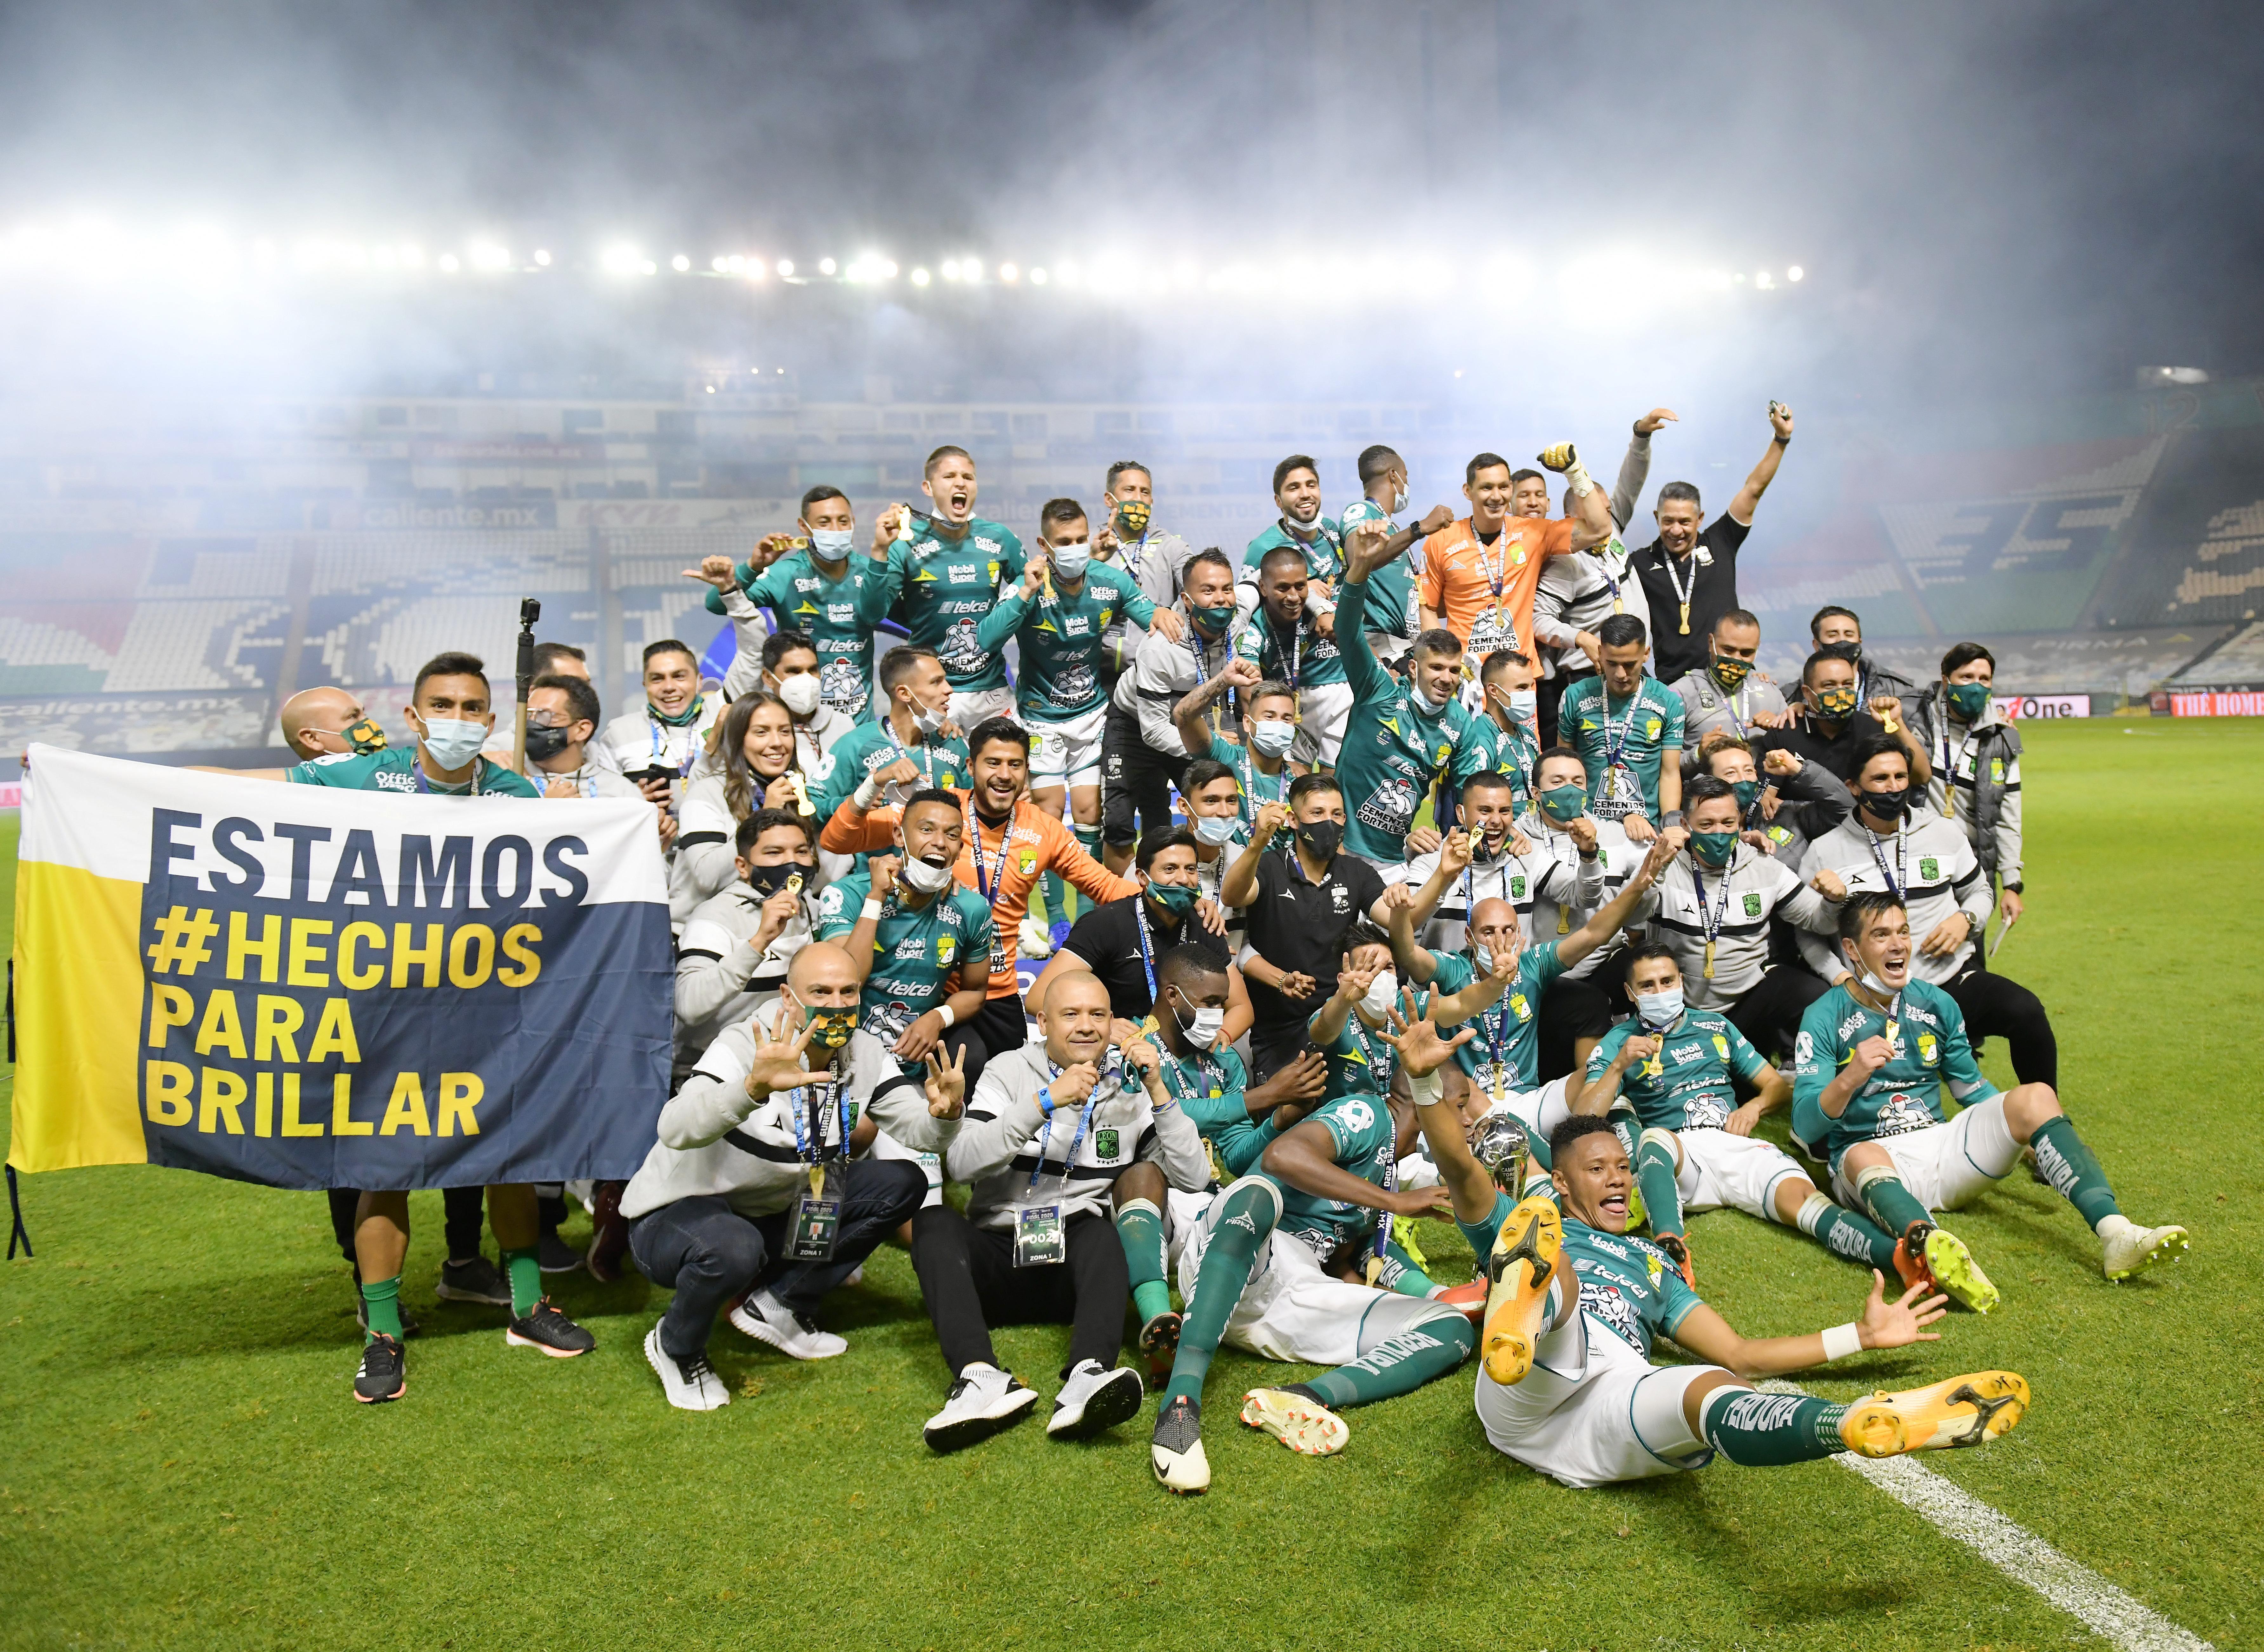 Los jugadores de León celebran con el trofeo de la Liga MX.